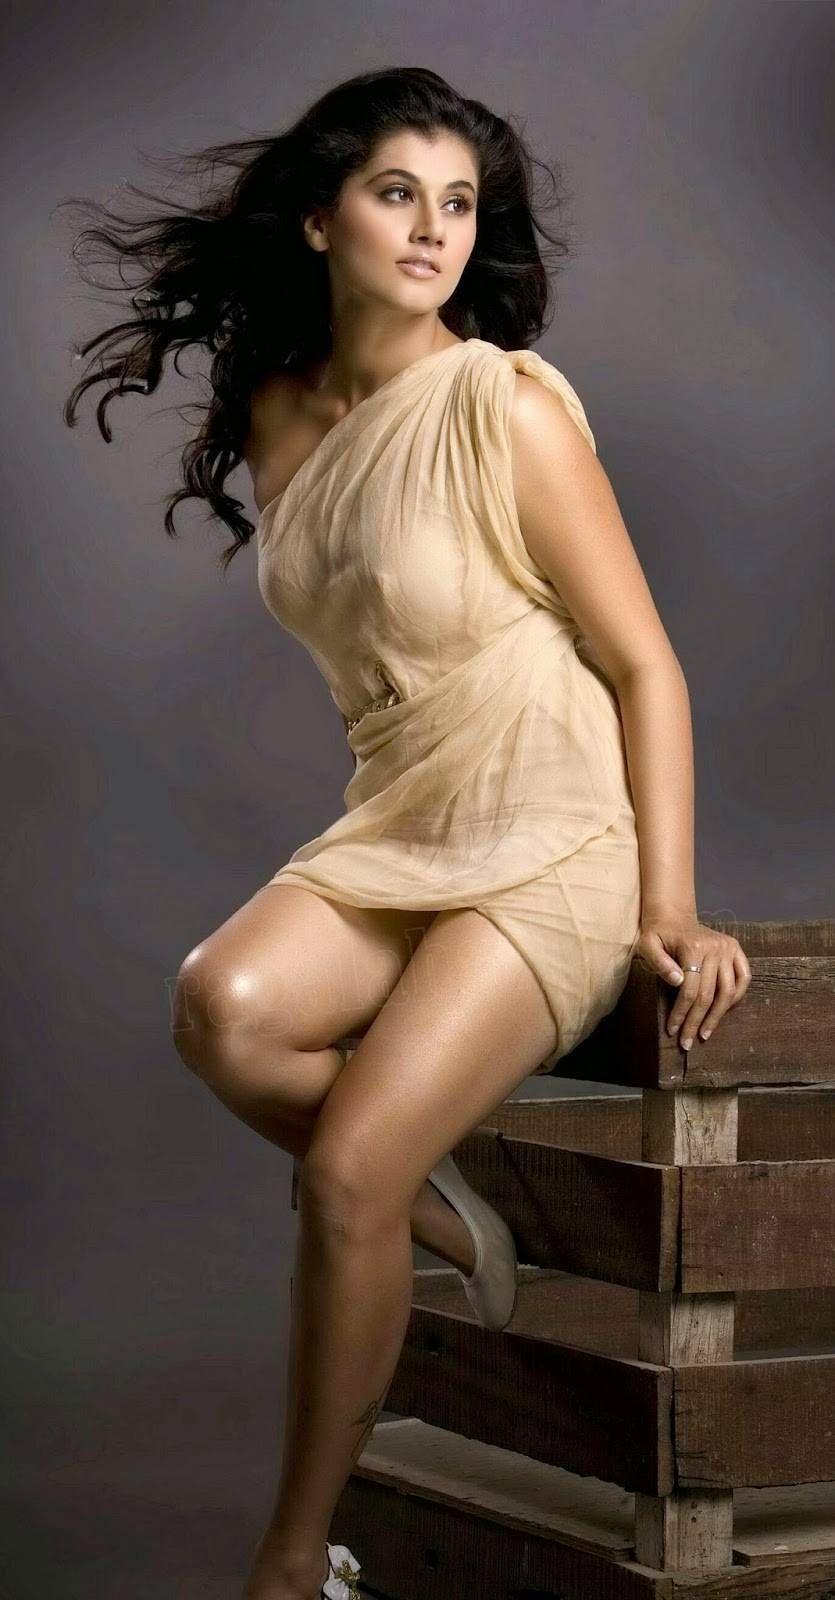 Taapsee Pannu Hot Photos And Biodata  Taapsee Pannu, Beautiful Indian Actress -8522